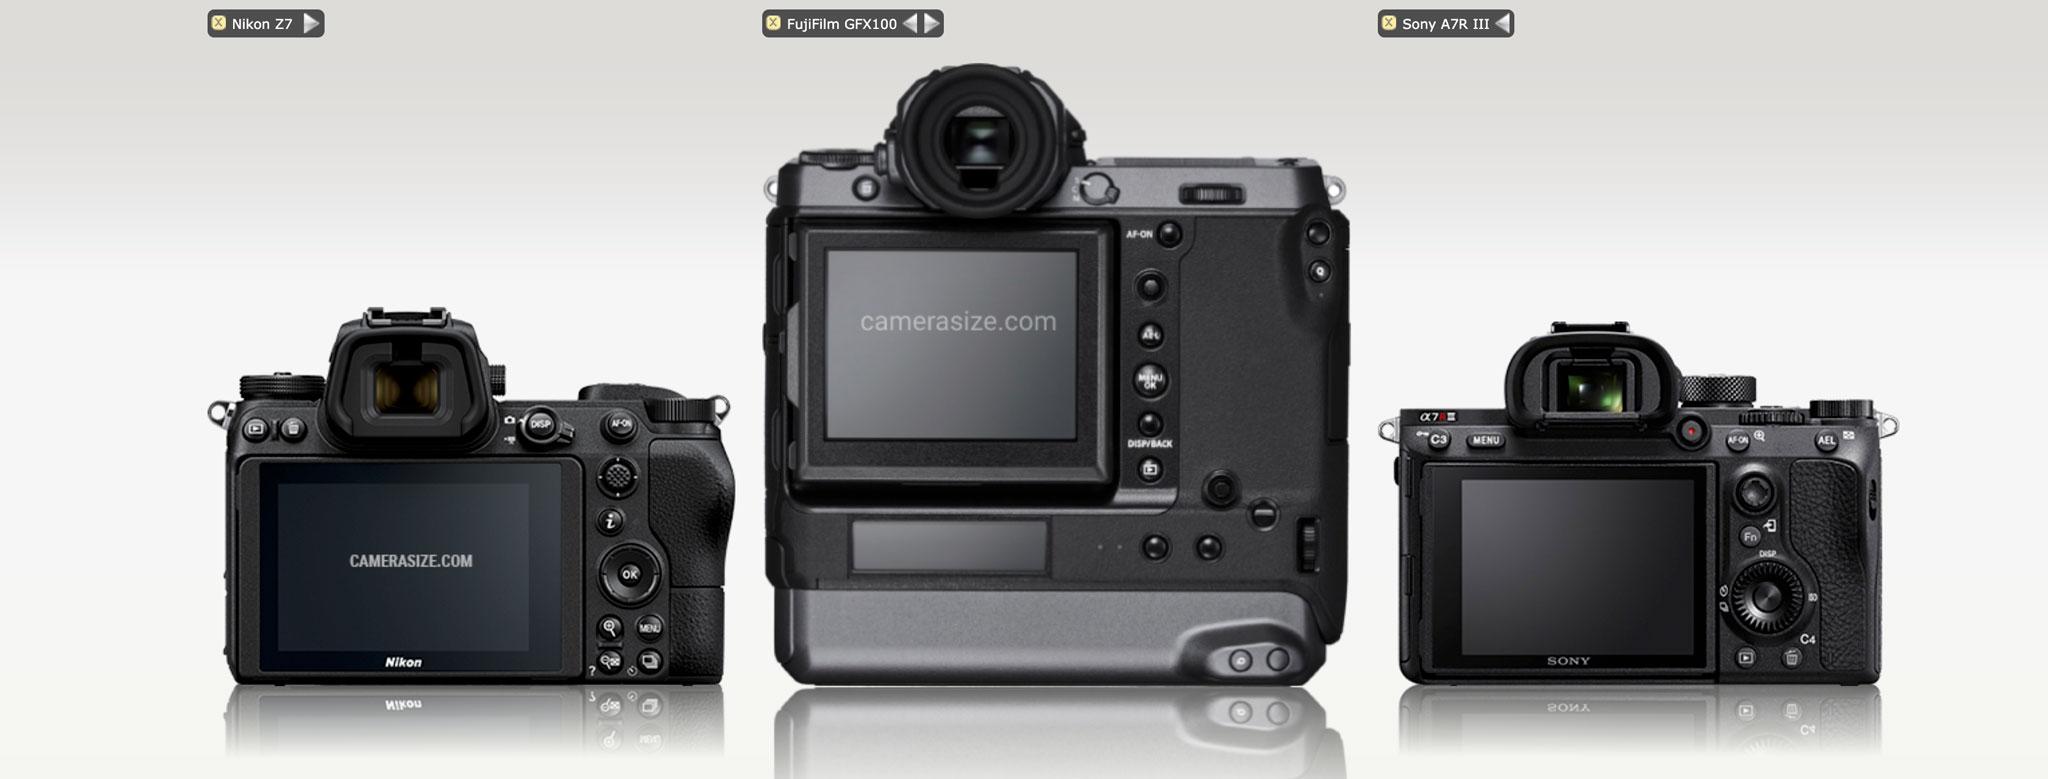 Z7-GFX100-A7R3-sau.jpg